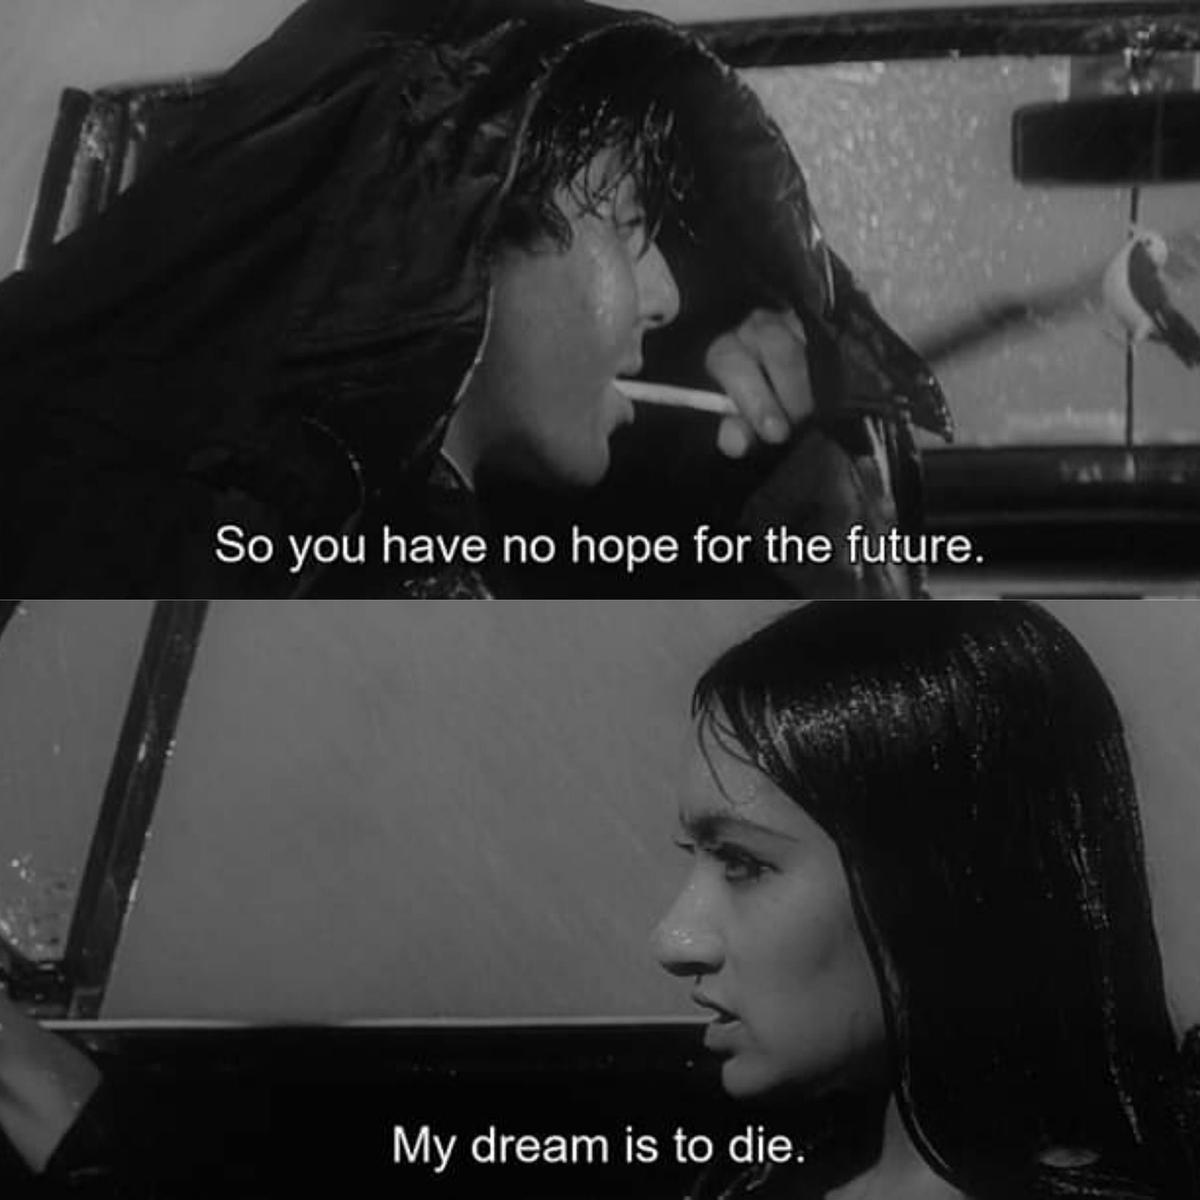 #Film Branded to Kill (1967) Dir. Seijun Suzuki pic.twitter.com/YjDMGuCOEQ